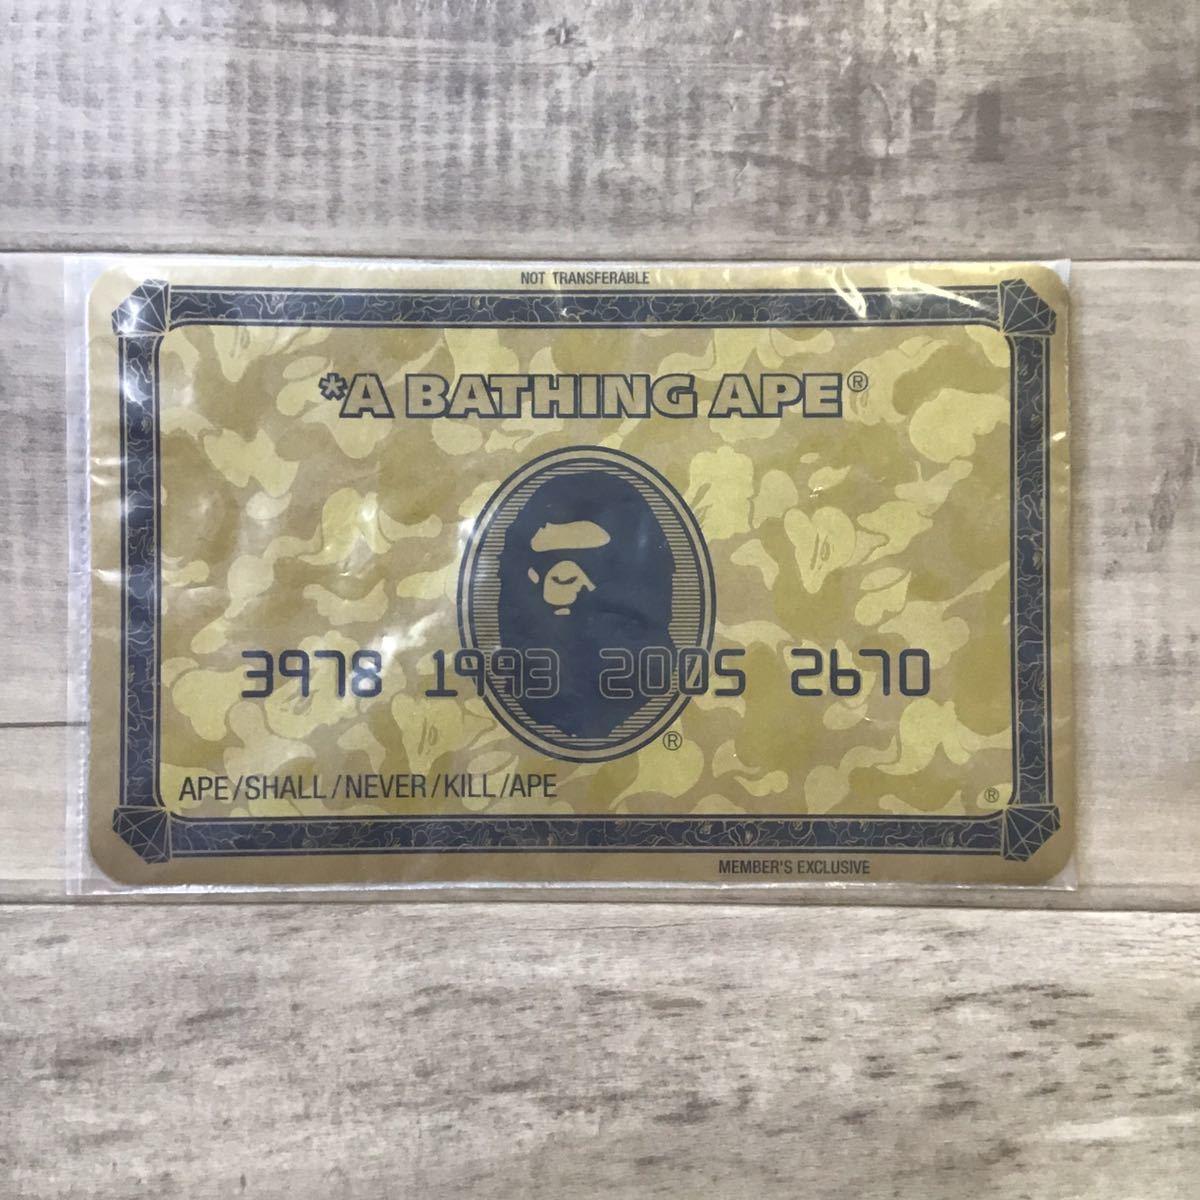 ★会員限定★ マウスパッド ゴールド会員 a bathing ape bape エイプ ベイプ アベイシングエイプ 非売品 ノベルティ コレクション 6294